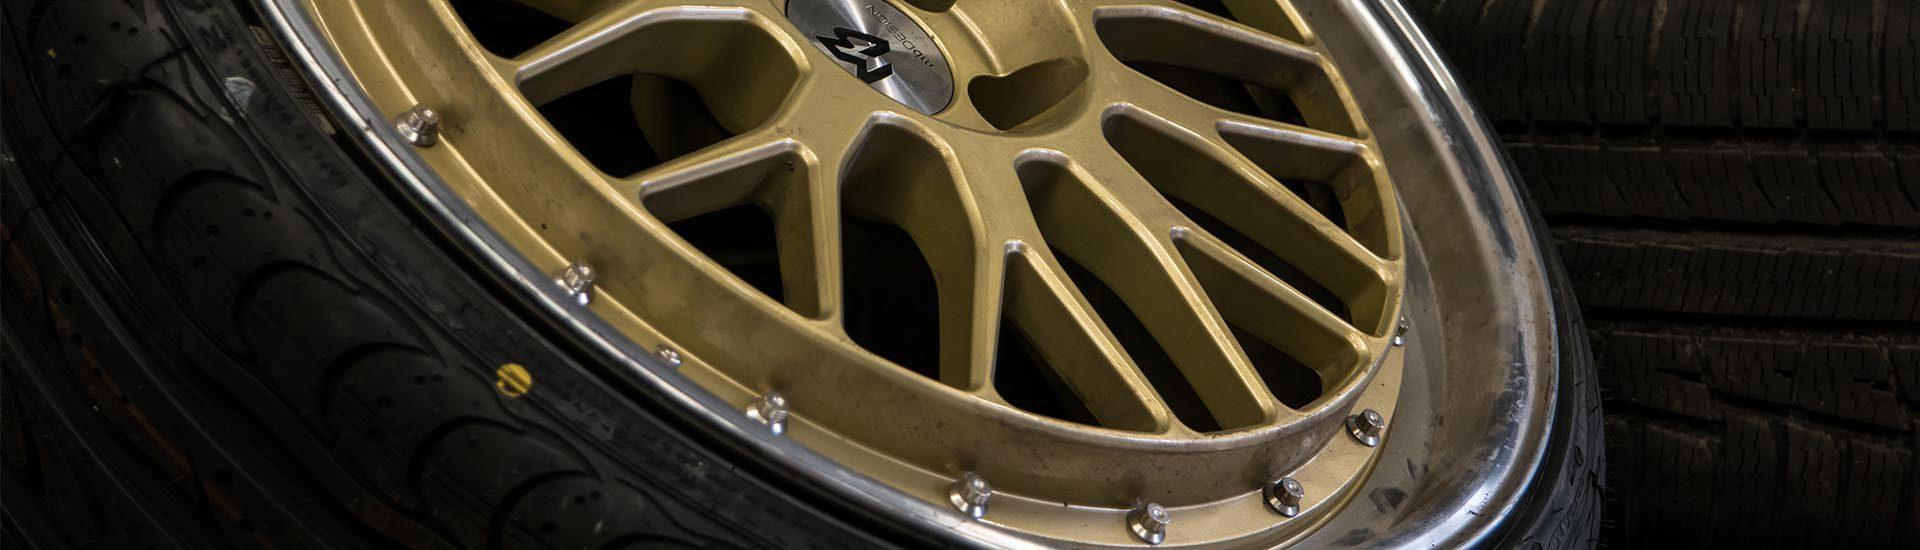 Permalink auf:Reifen und Felgen